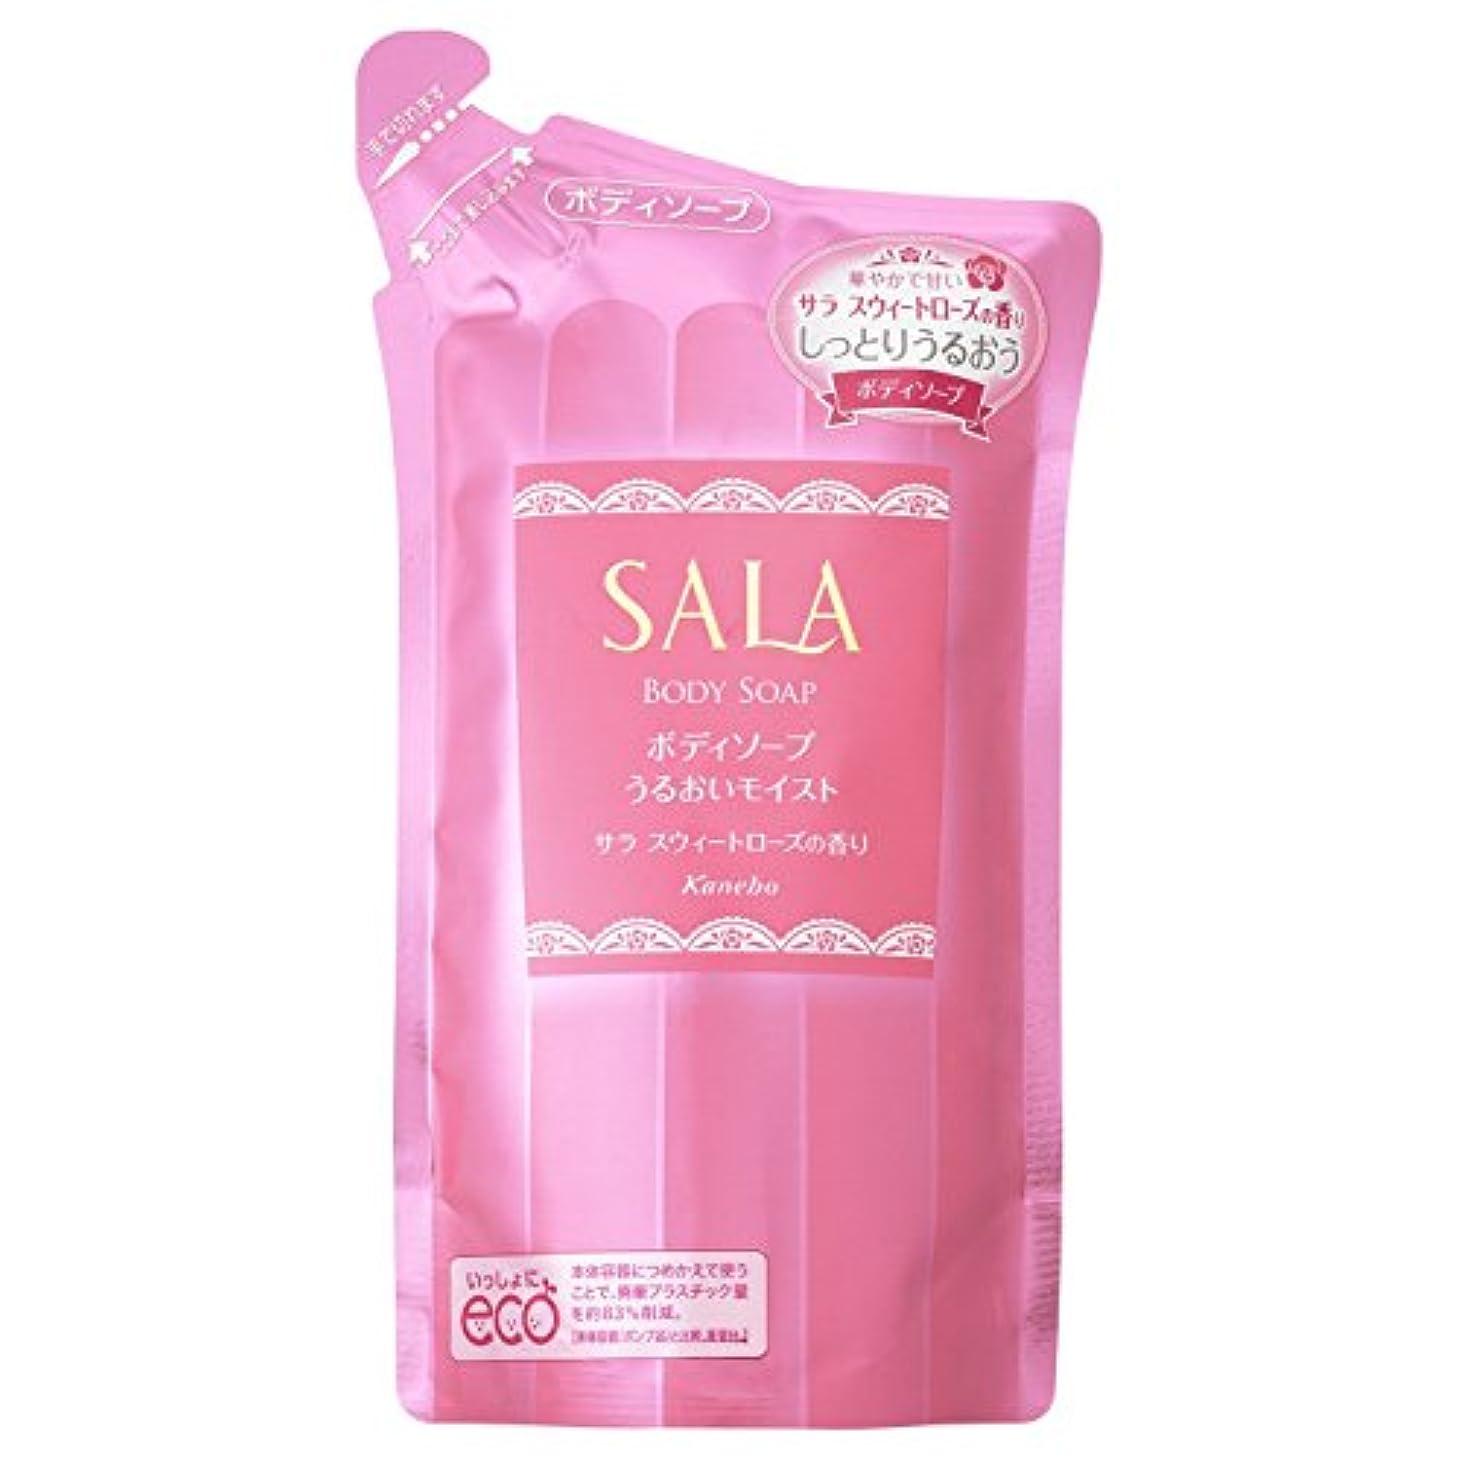 一時停止ルールサイドボードサラ ボディソープ うるおいモイスト つめかえ用 サラスウィートローズの香り